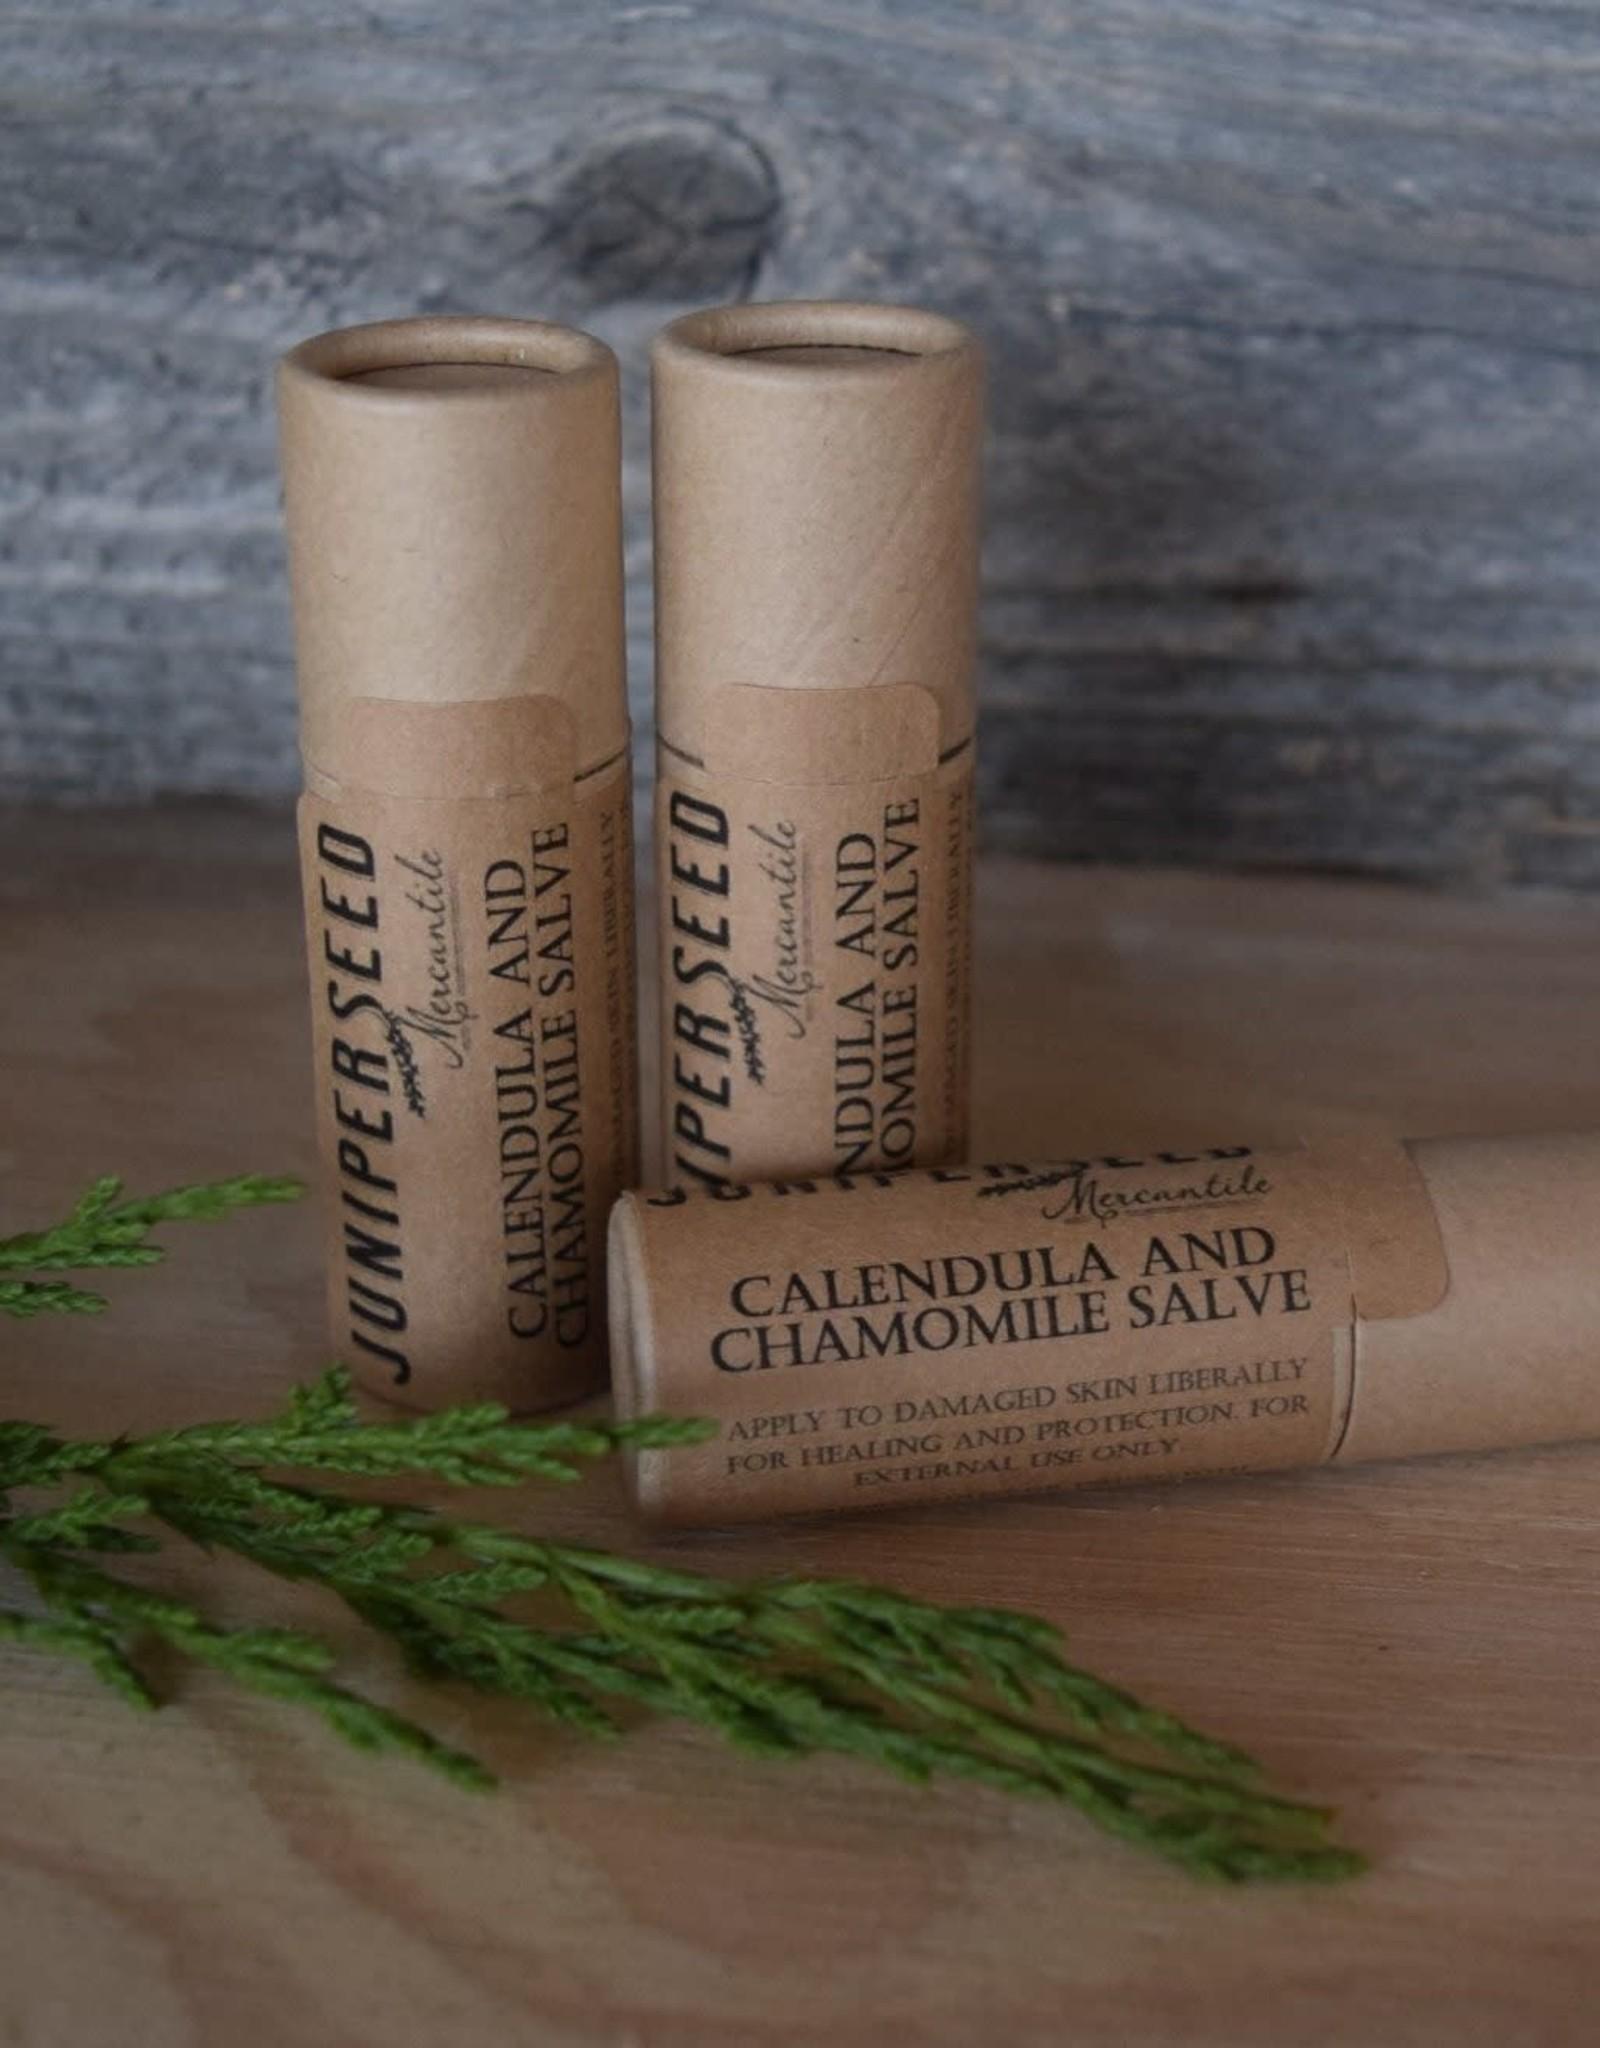 Juniper Seed Calendula and Chamomile Healing Salve